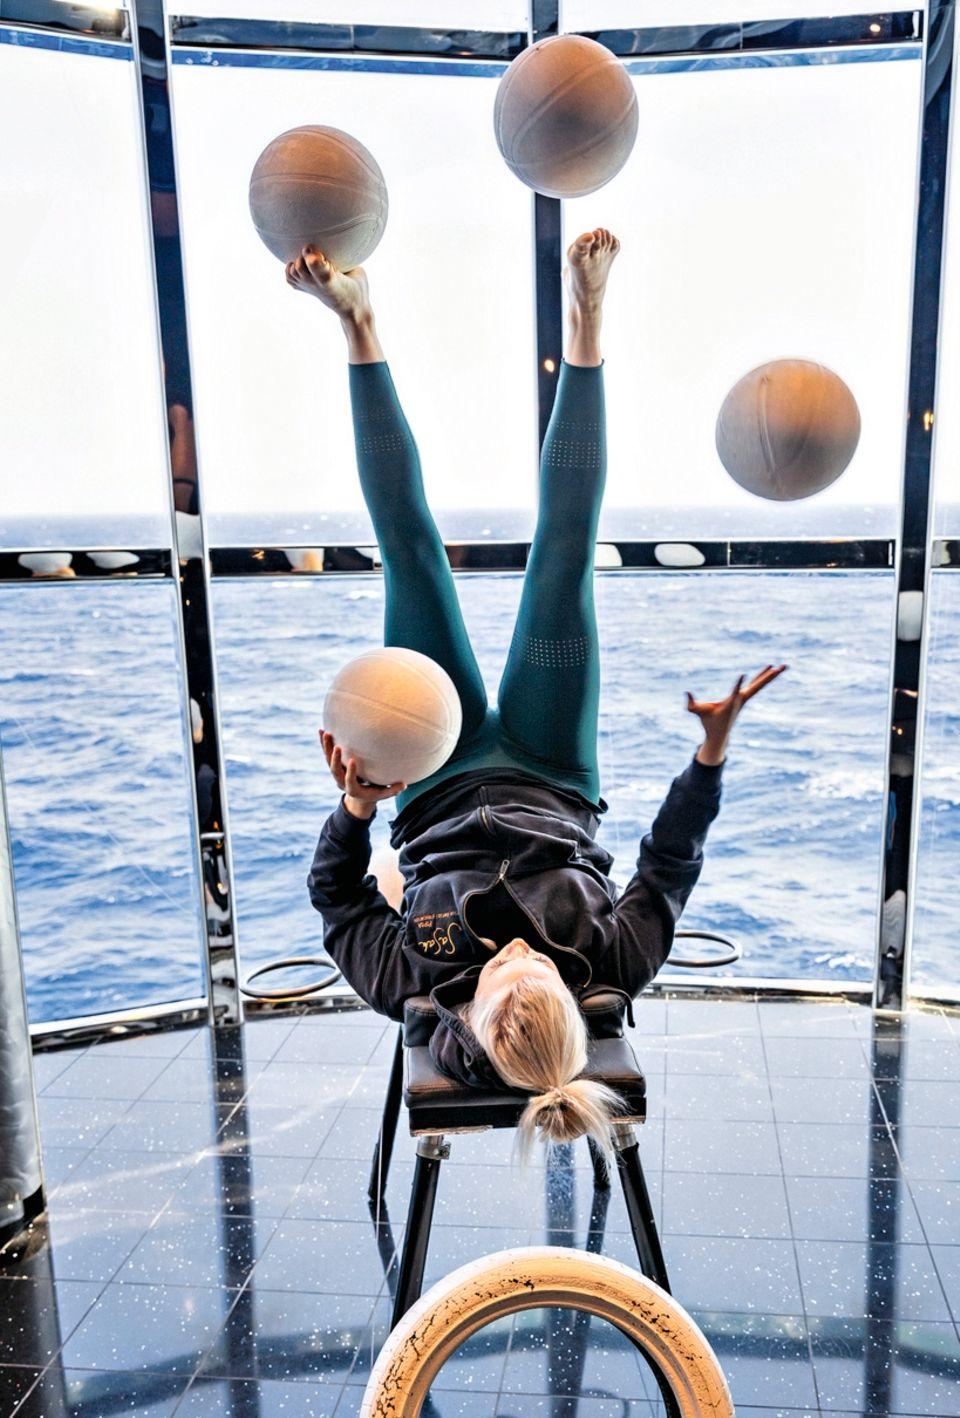 Die 24-jährige Finnin Pipsa Ilpala übt, Bälle zu jonglieren – mit Händen und Füßen